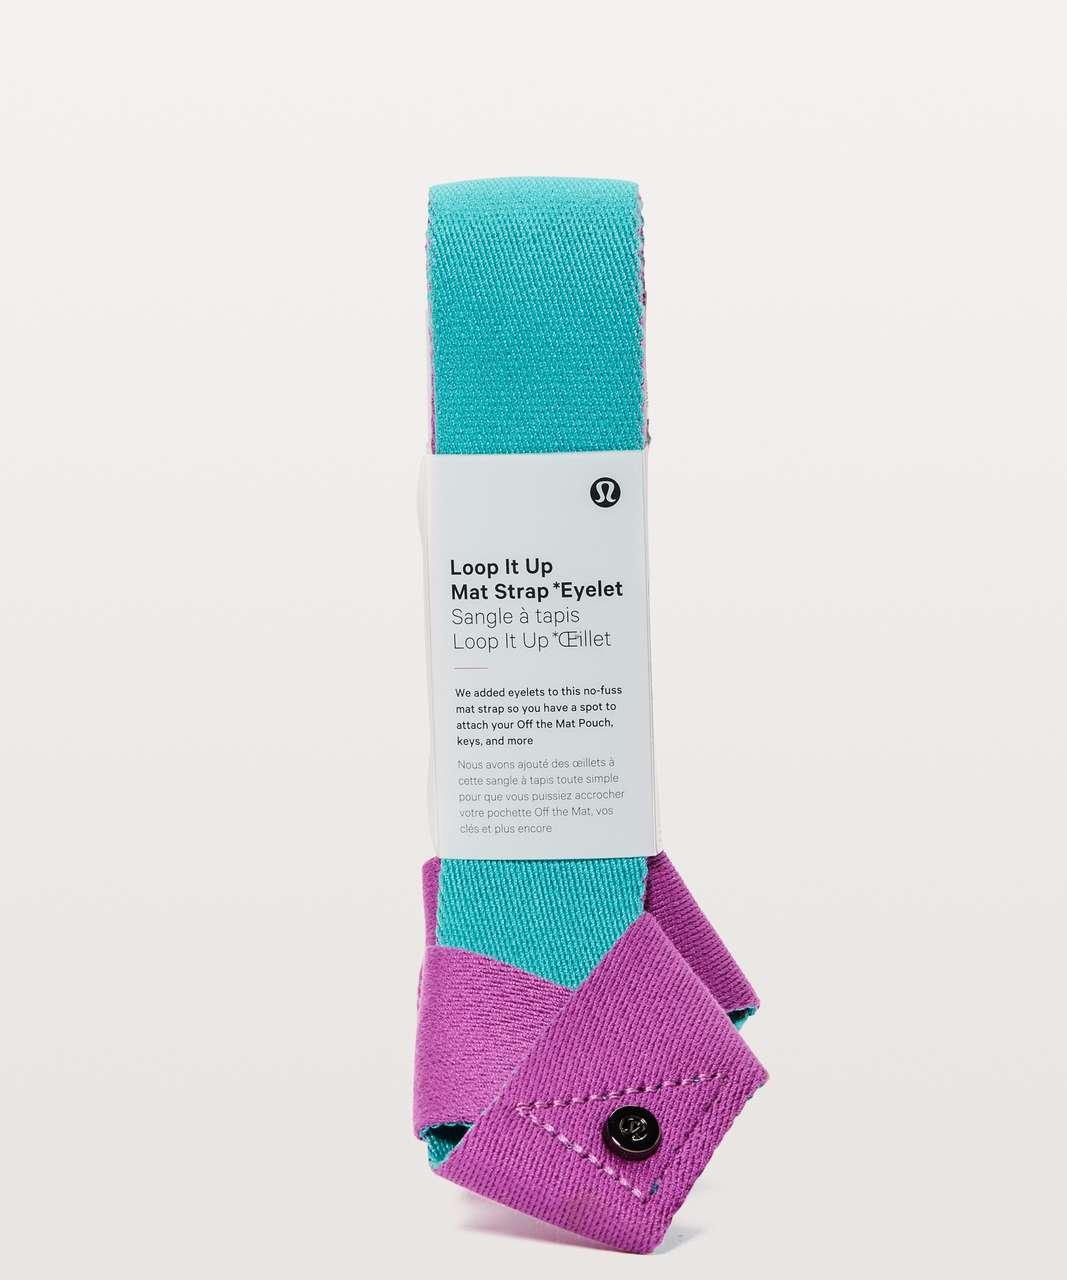 Lululemon Loop It Up Mat Strap *Eyelet - Hyacinth / Amazonite